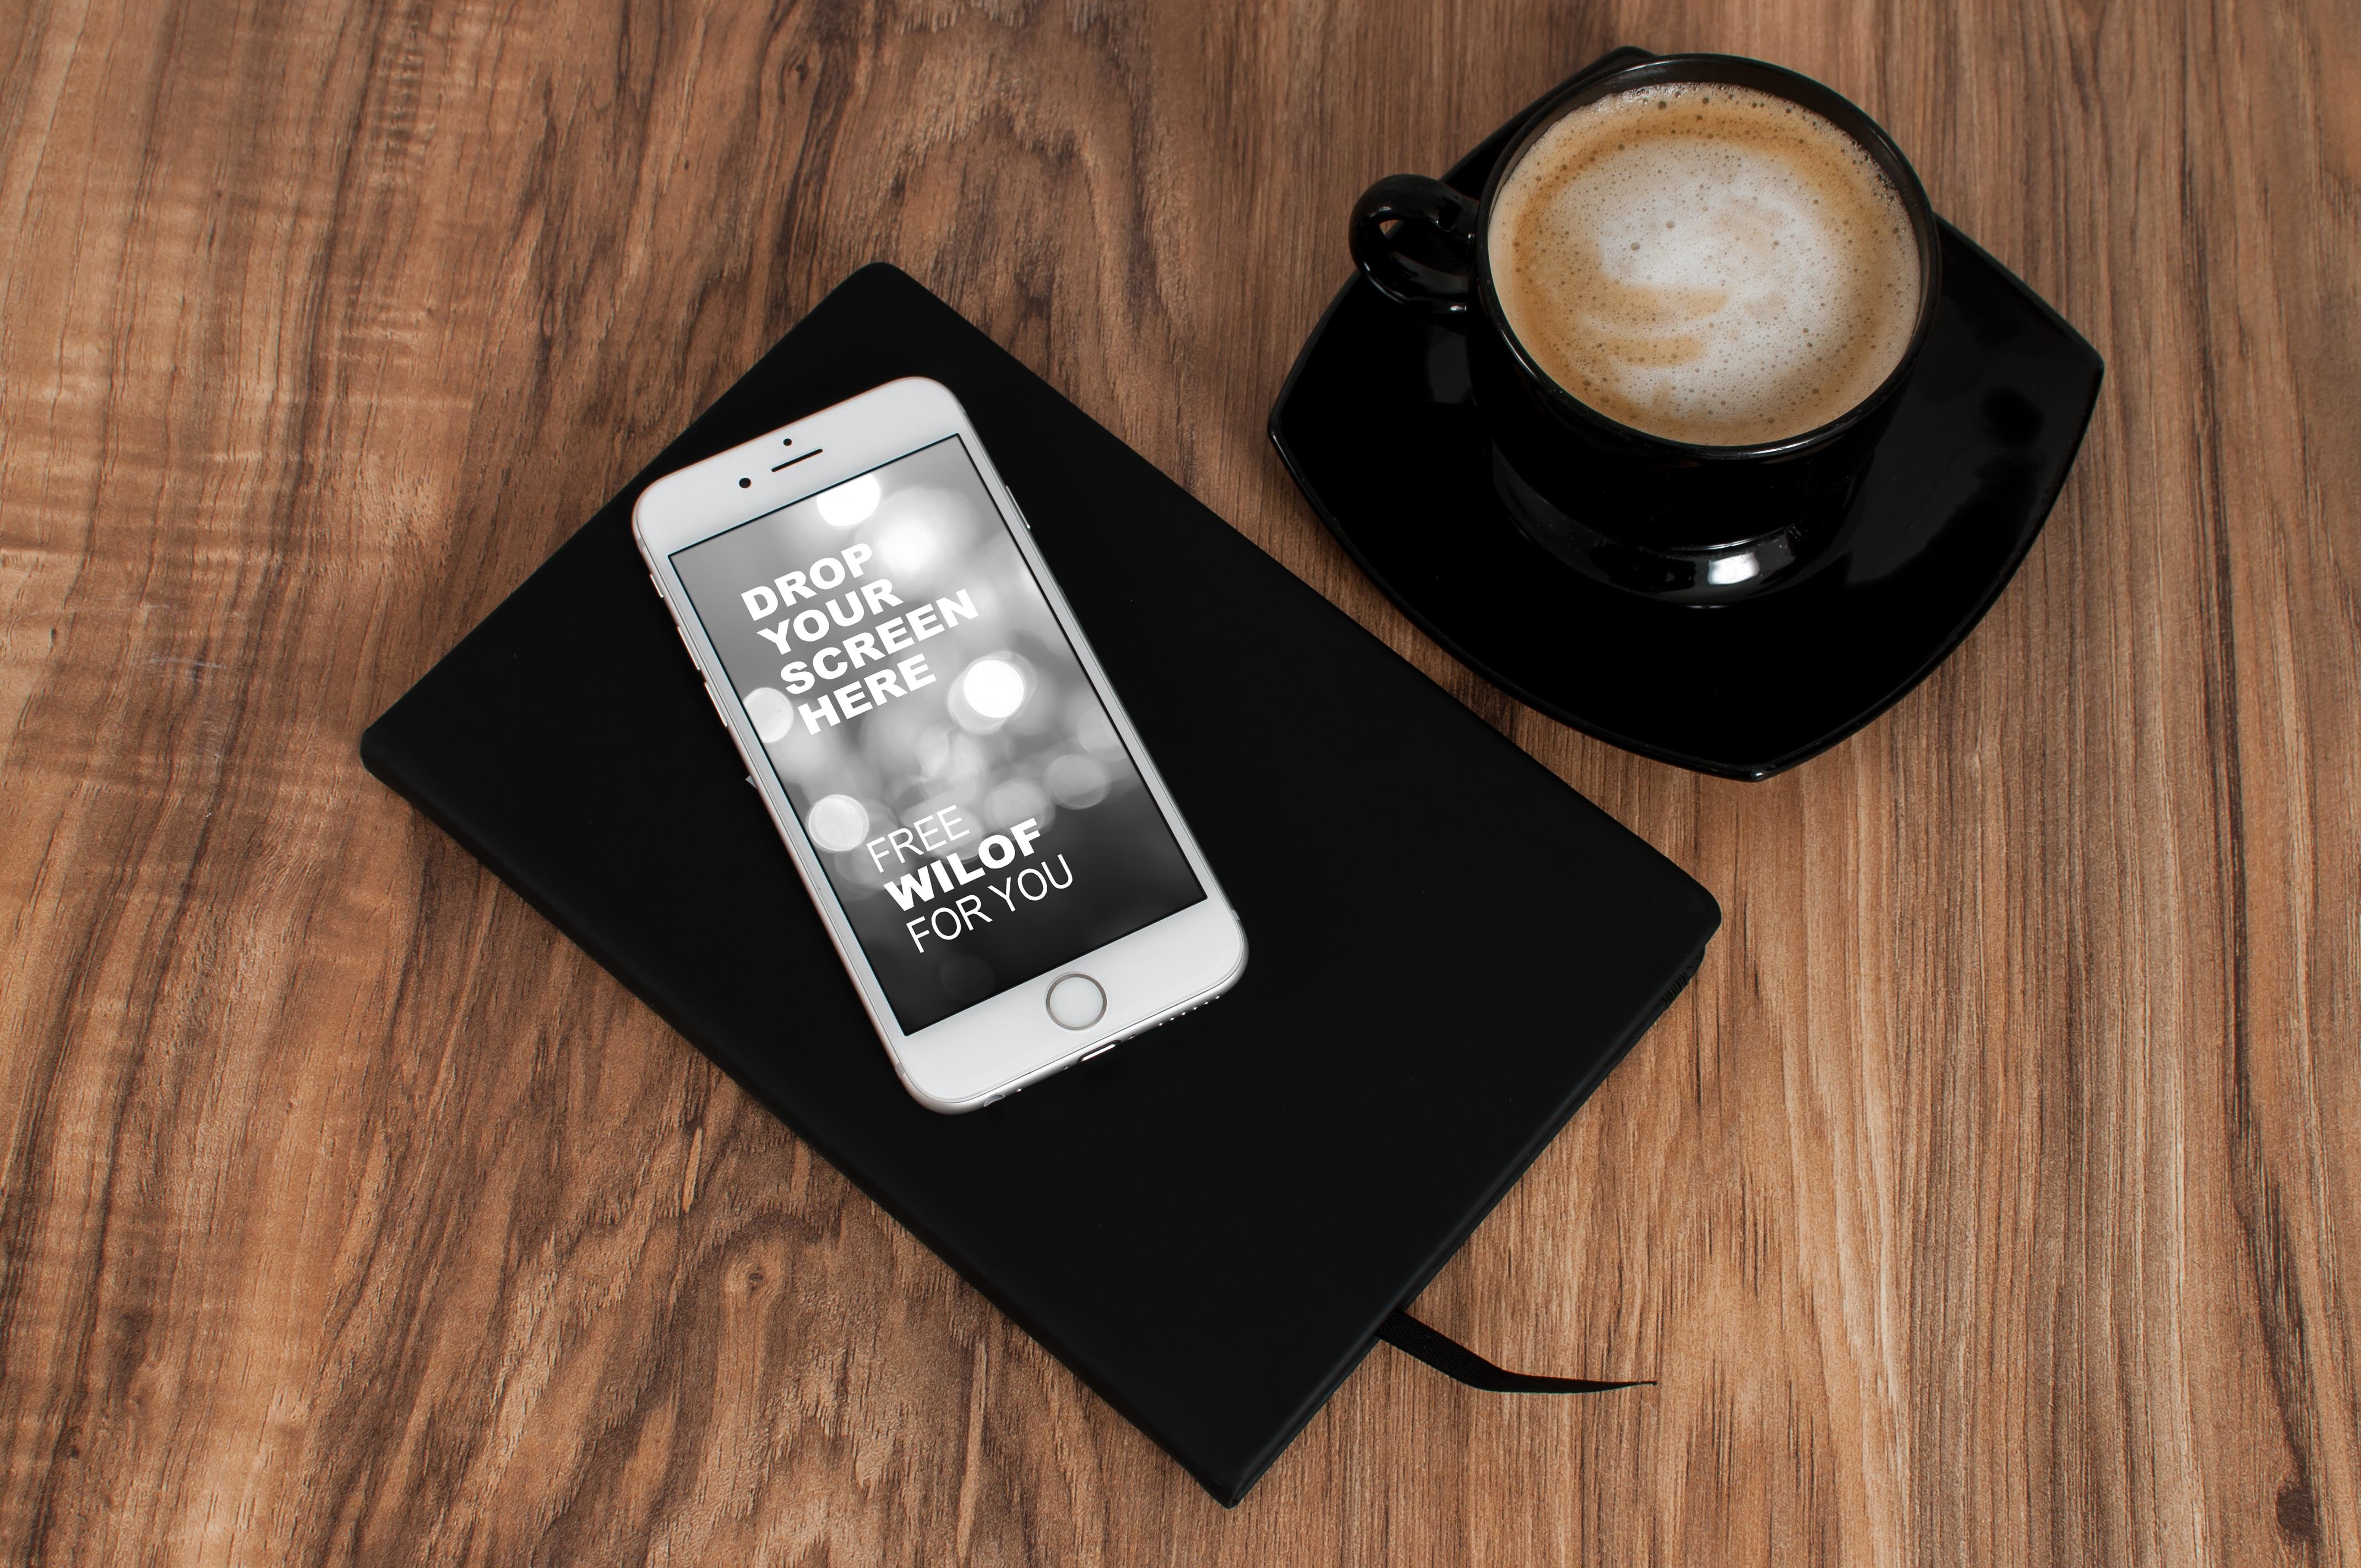 обычные обои на телефон айфон чашка кофе стильные красивые